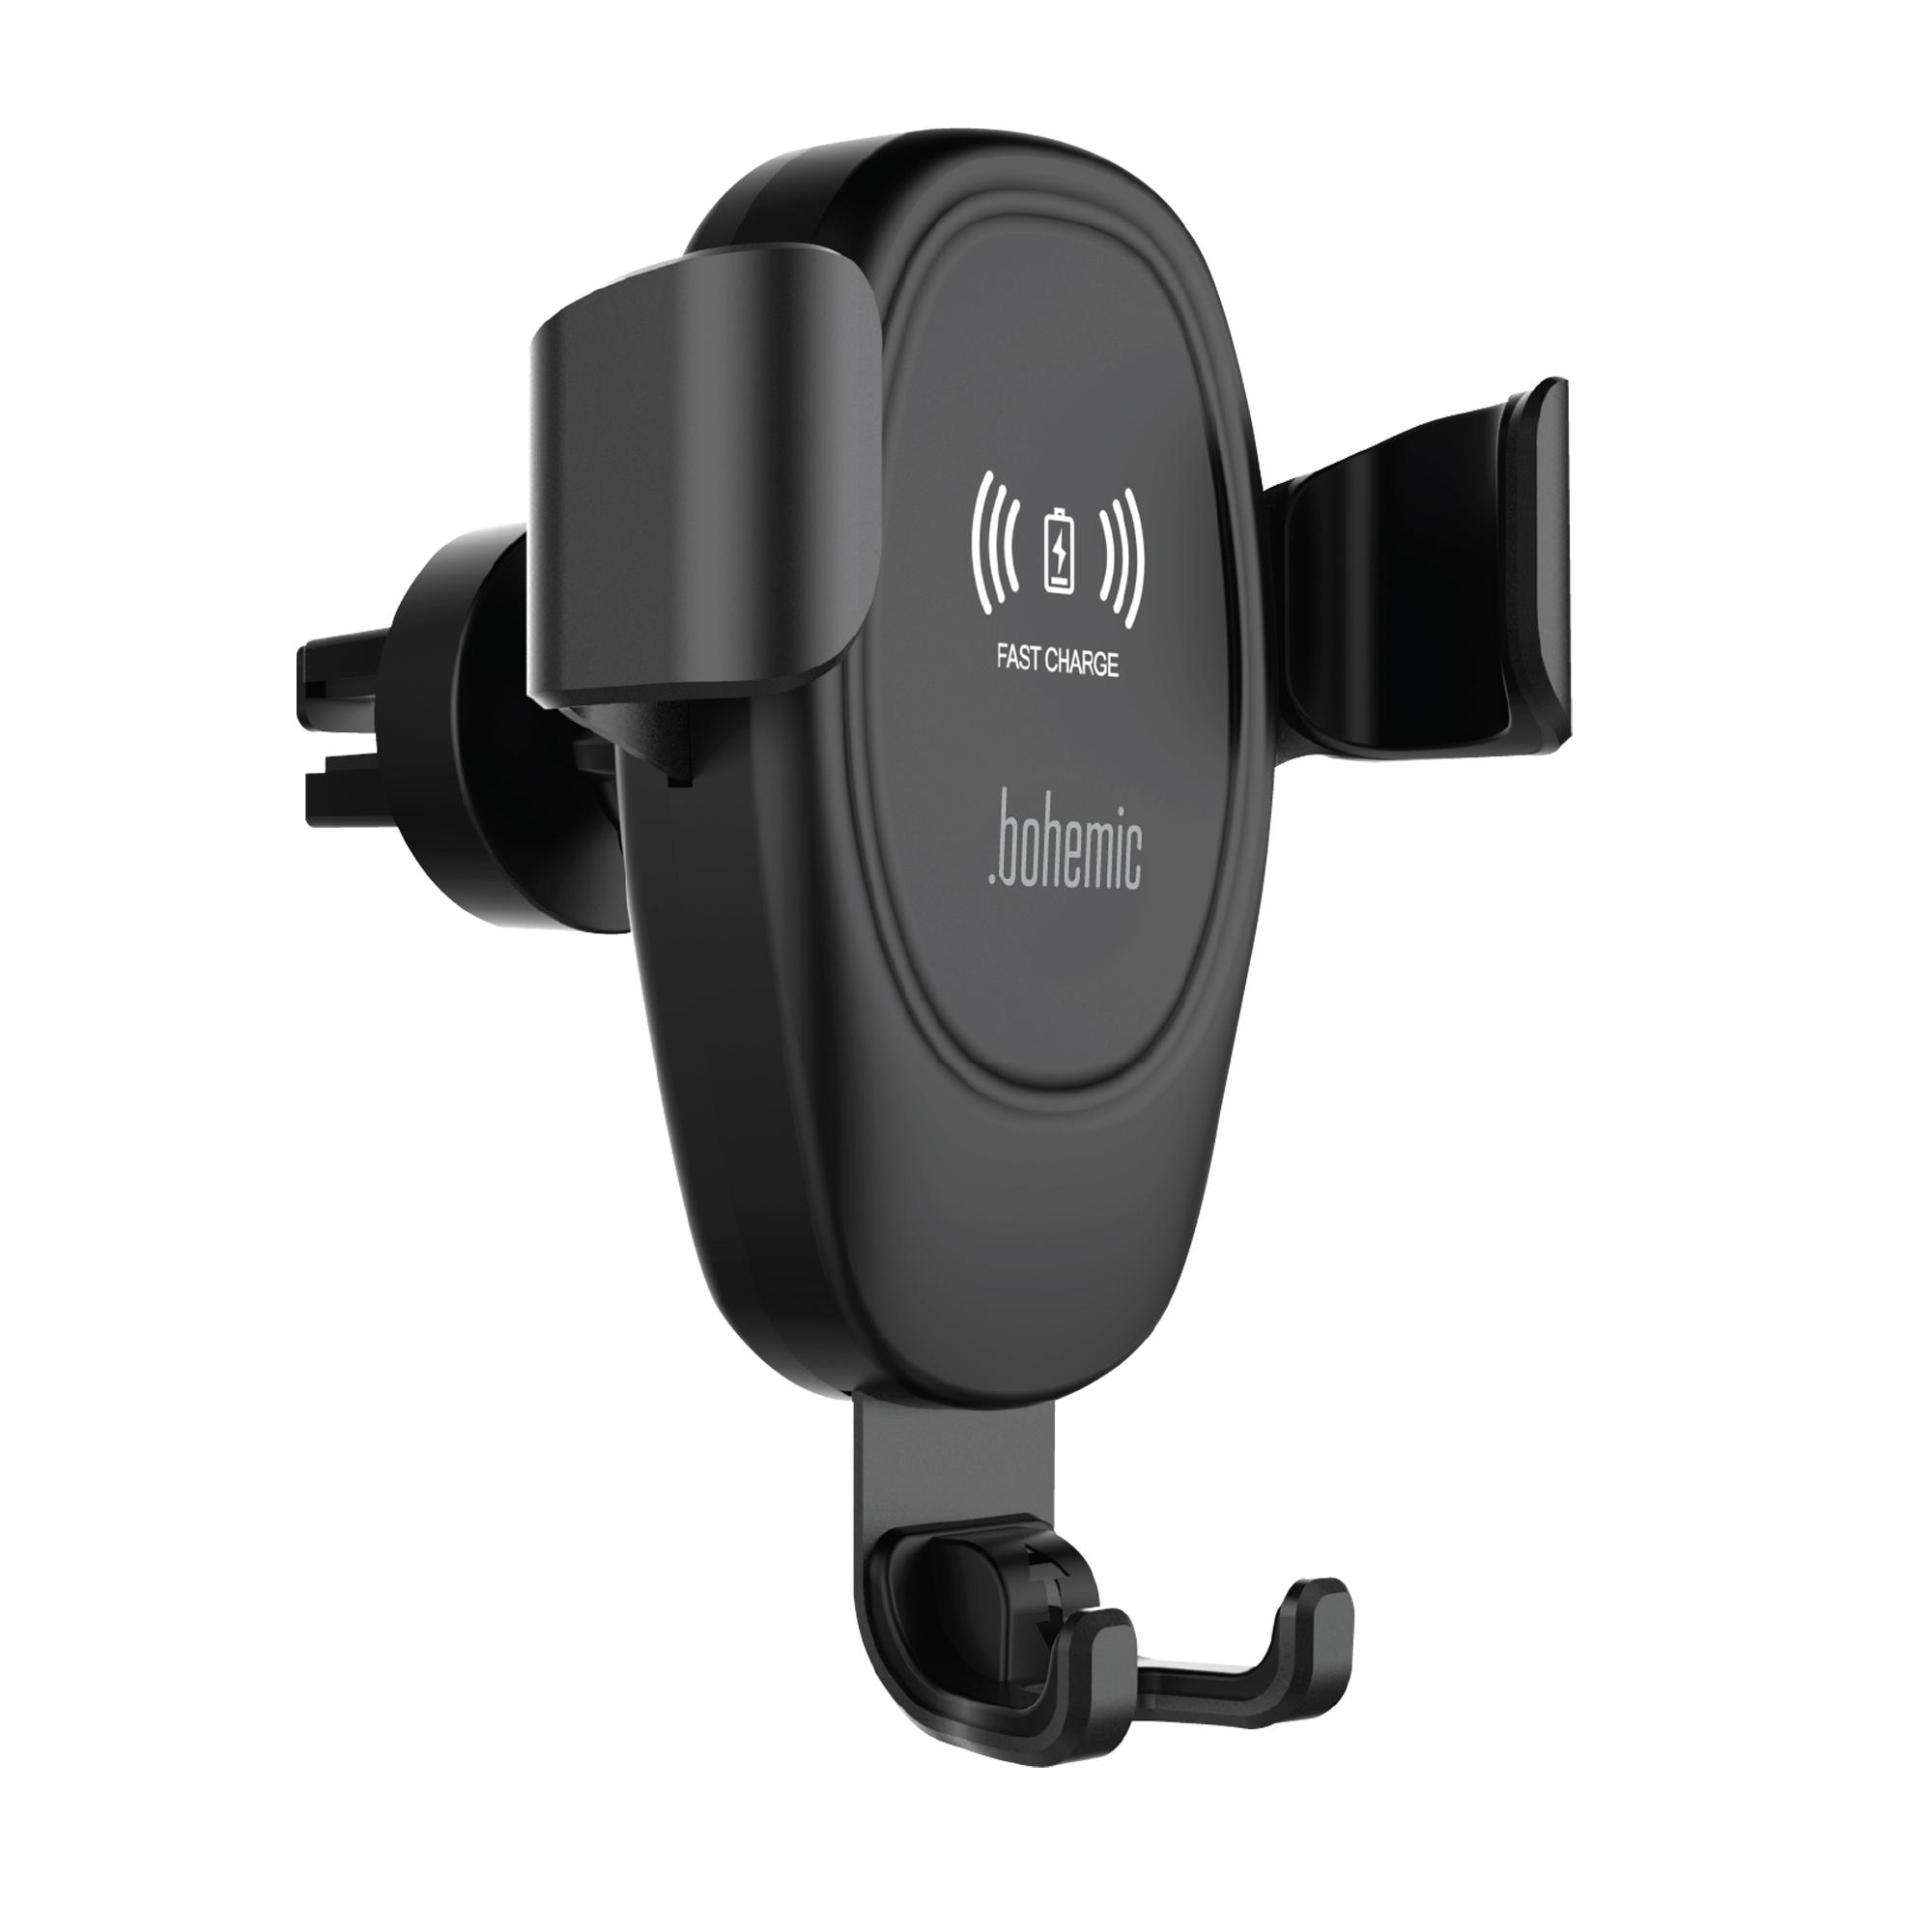 Bohemic BOH7269: Support de recharge pour voiture